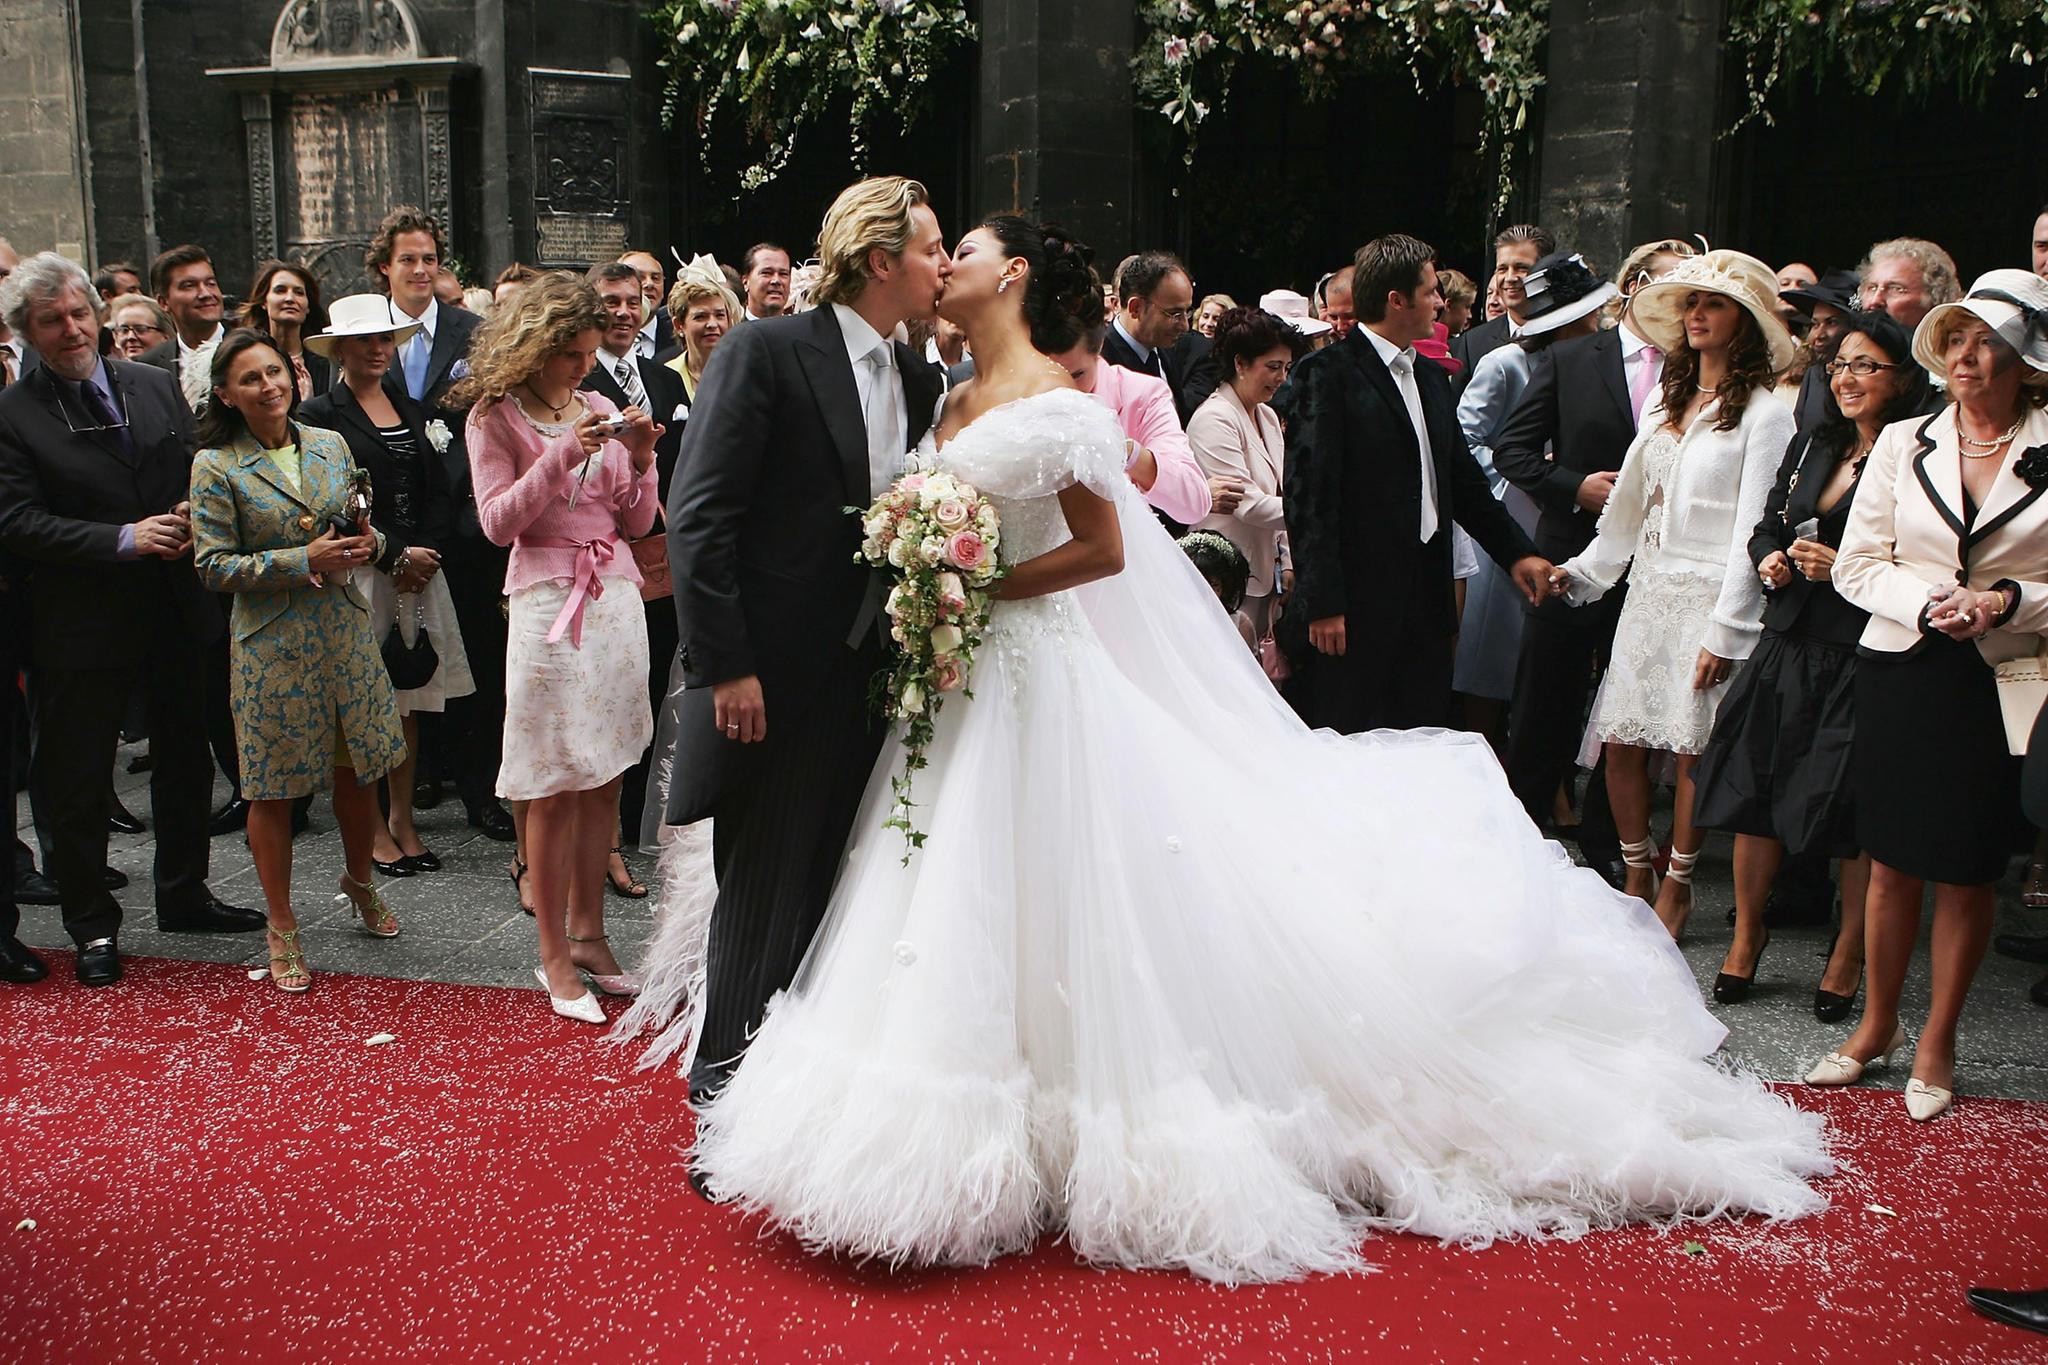 Karl Lagerfeld entwarf das Hochzeitskleid von Verona Pooth.